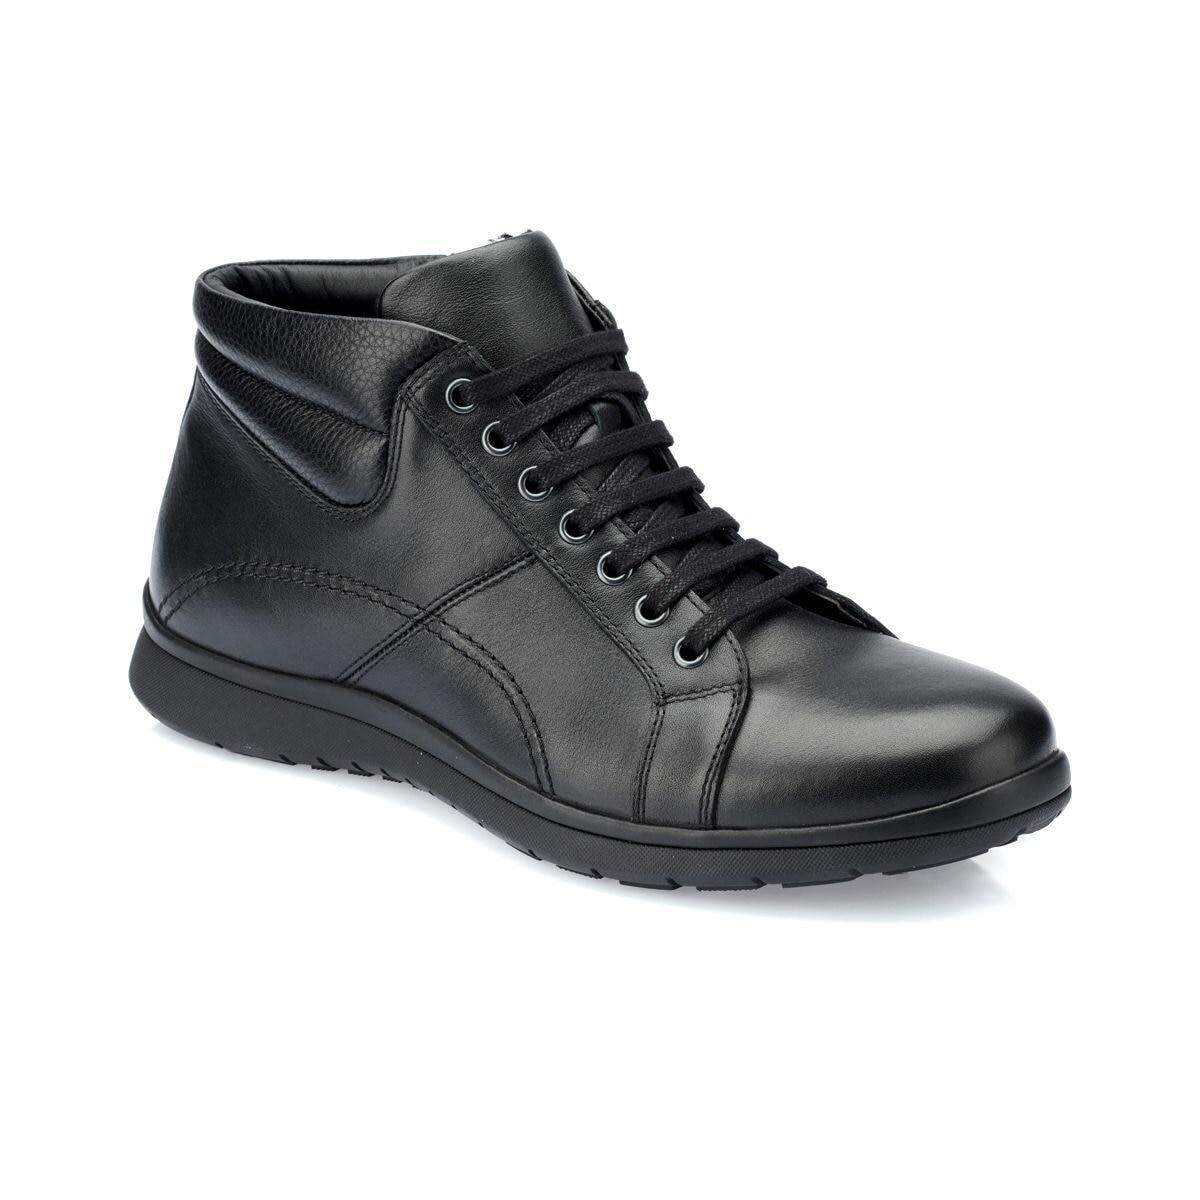 FLO 82.100619.M czarne buty męskie Polaris 5 Point